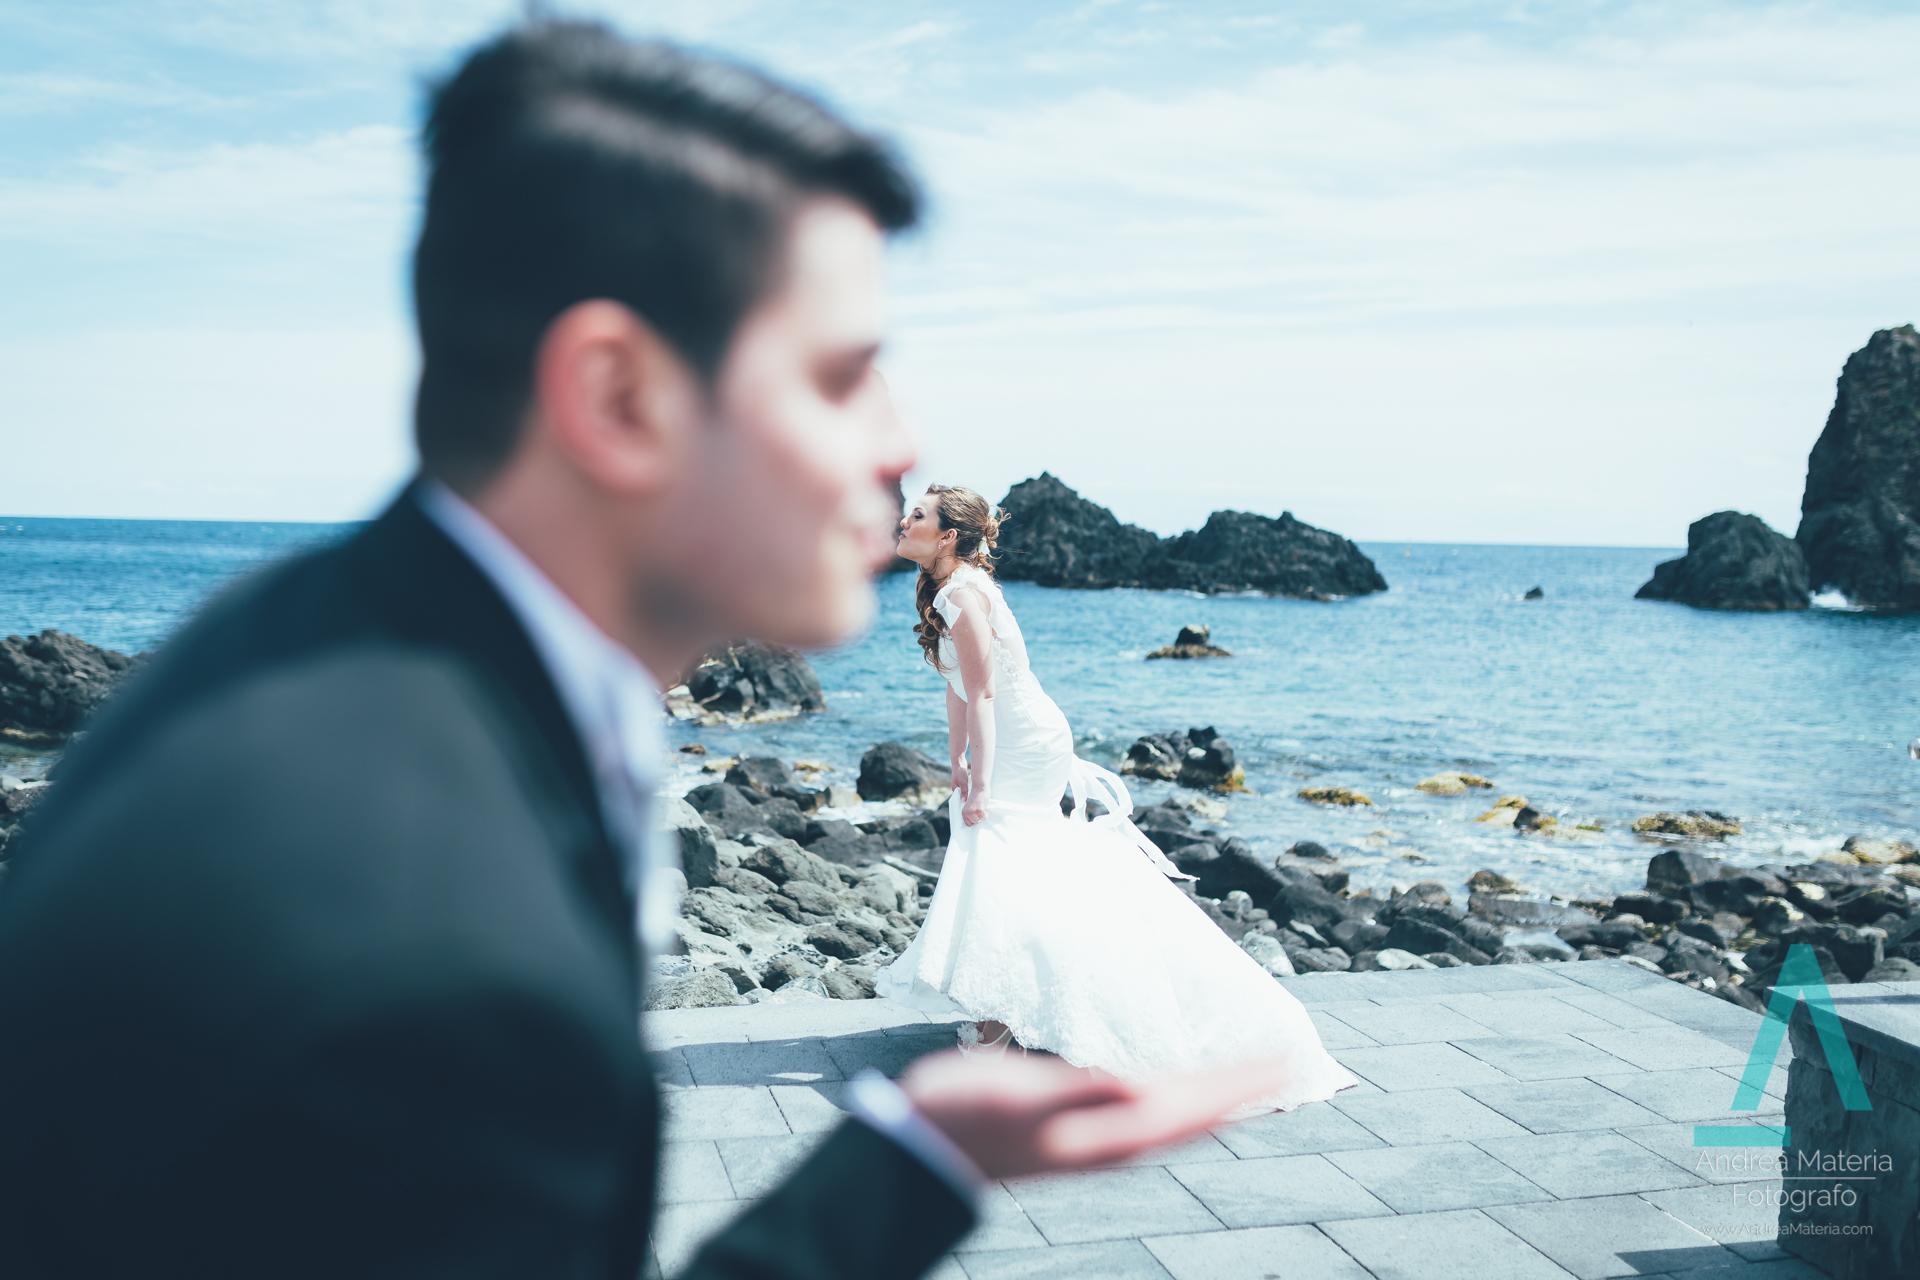 """Fotografo Matrimonio Catania - """"Andrea Materia"""" SEGUICI E CONDIVIDI :) https://www.facebook.com/AndreaMateriaFotografo"""